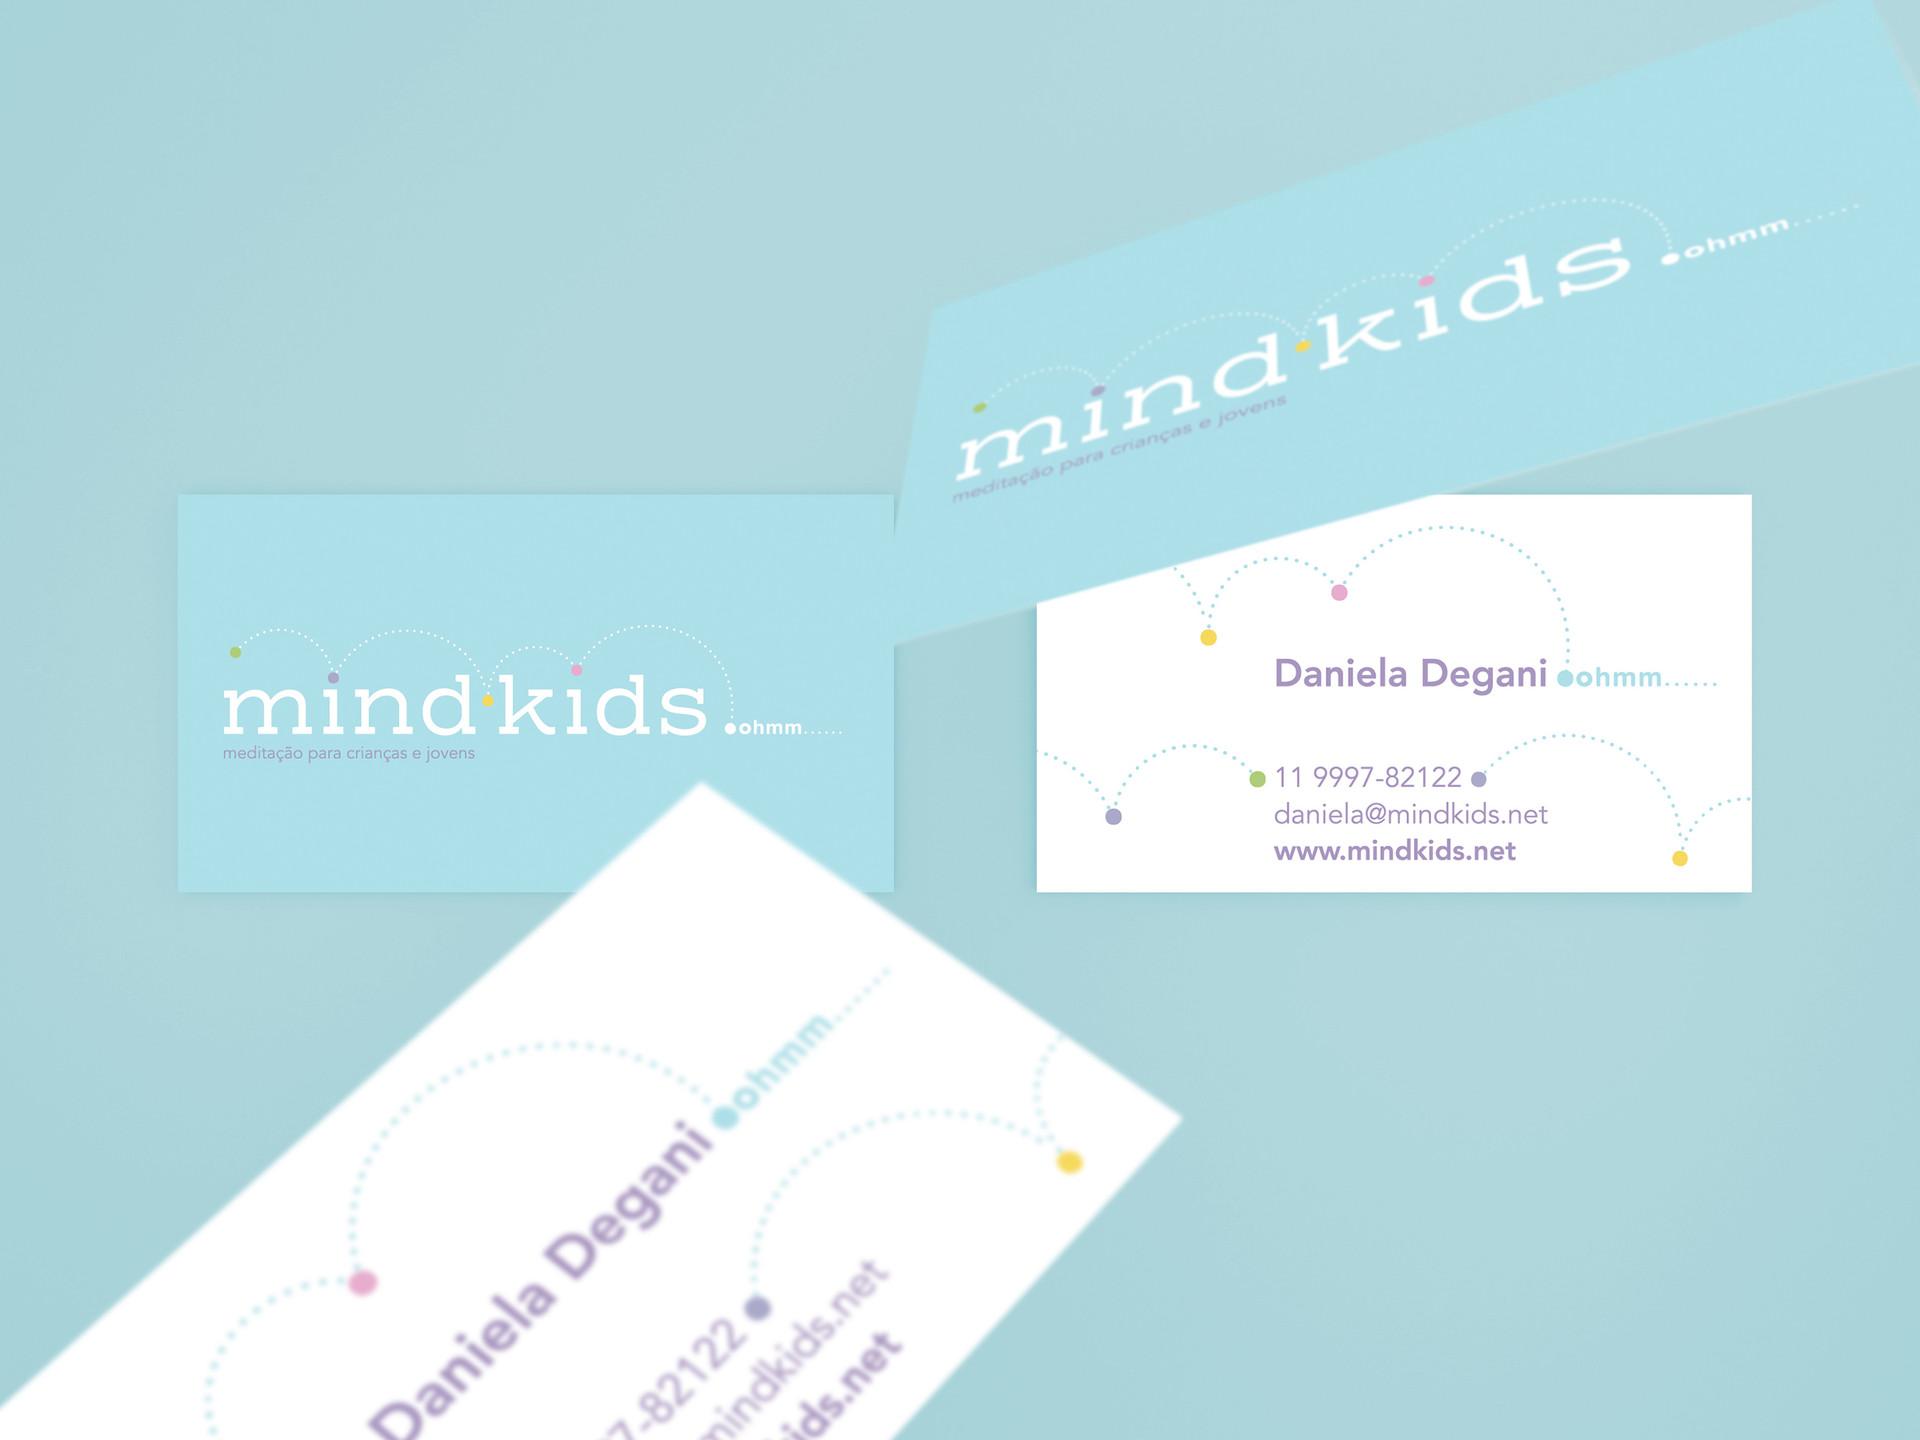 MindKids_cards floating_site.jpg